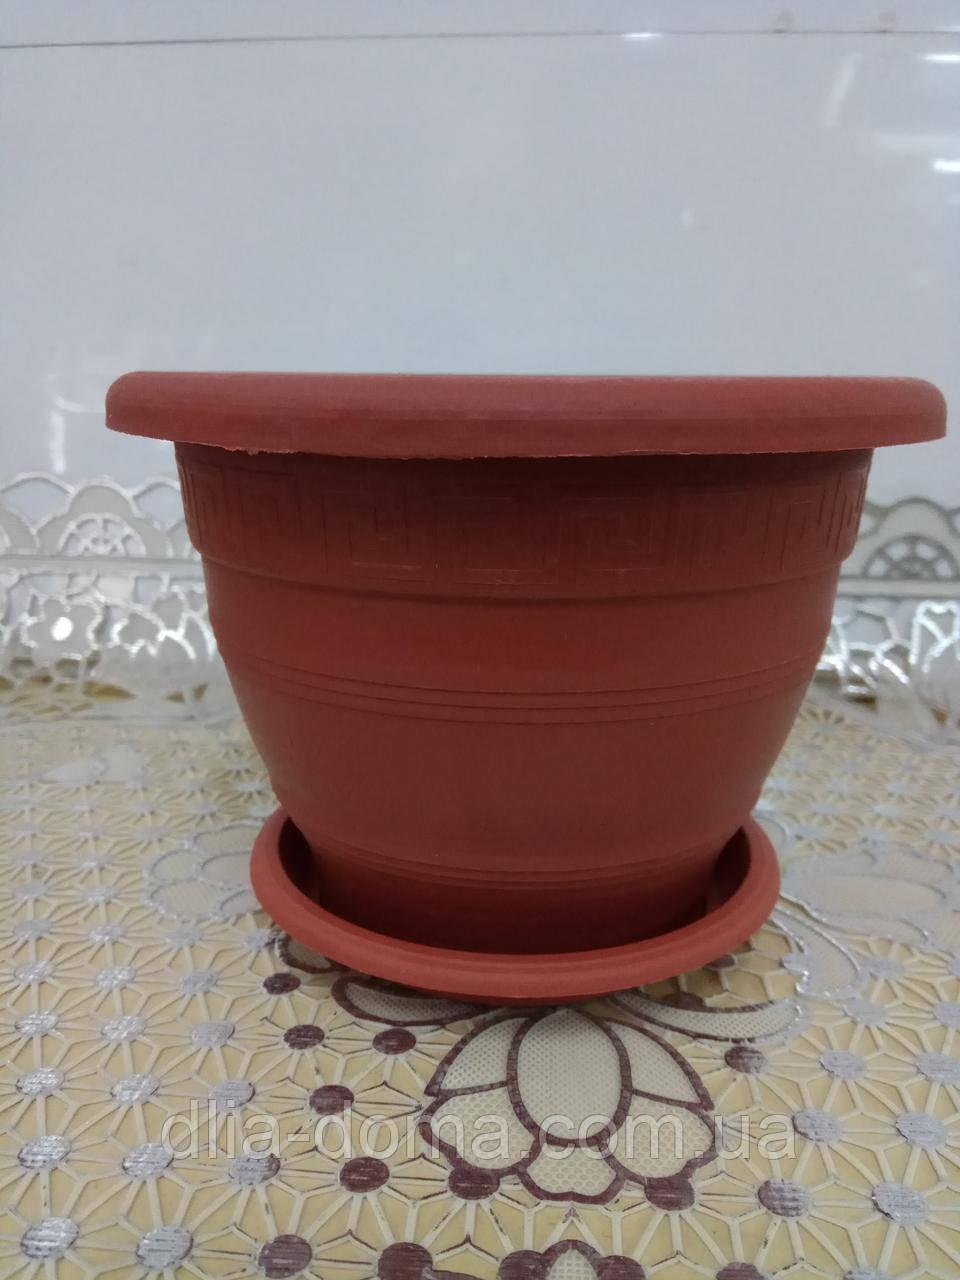 Горшок для цветов Версаче, диаметр 12 см,5101